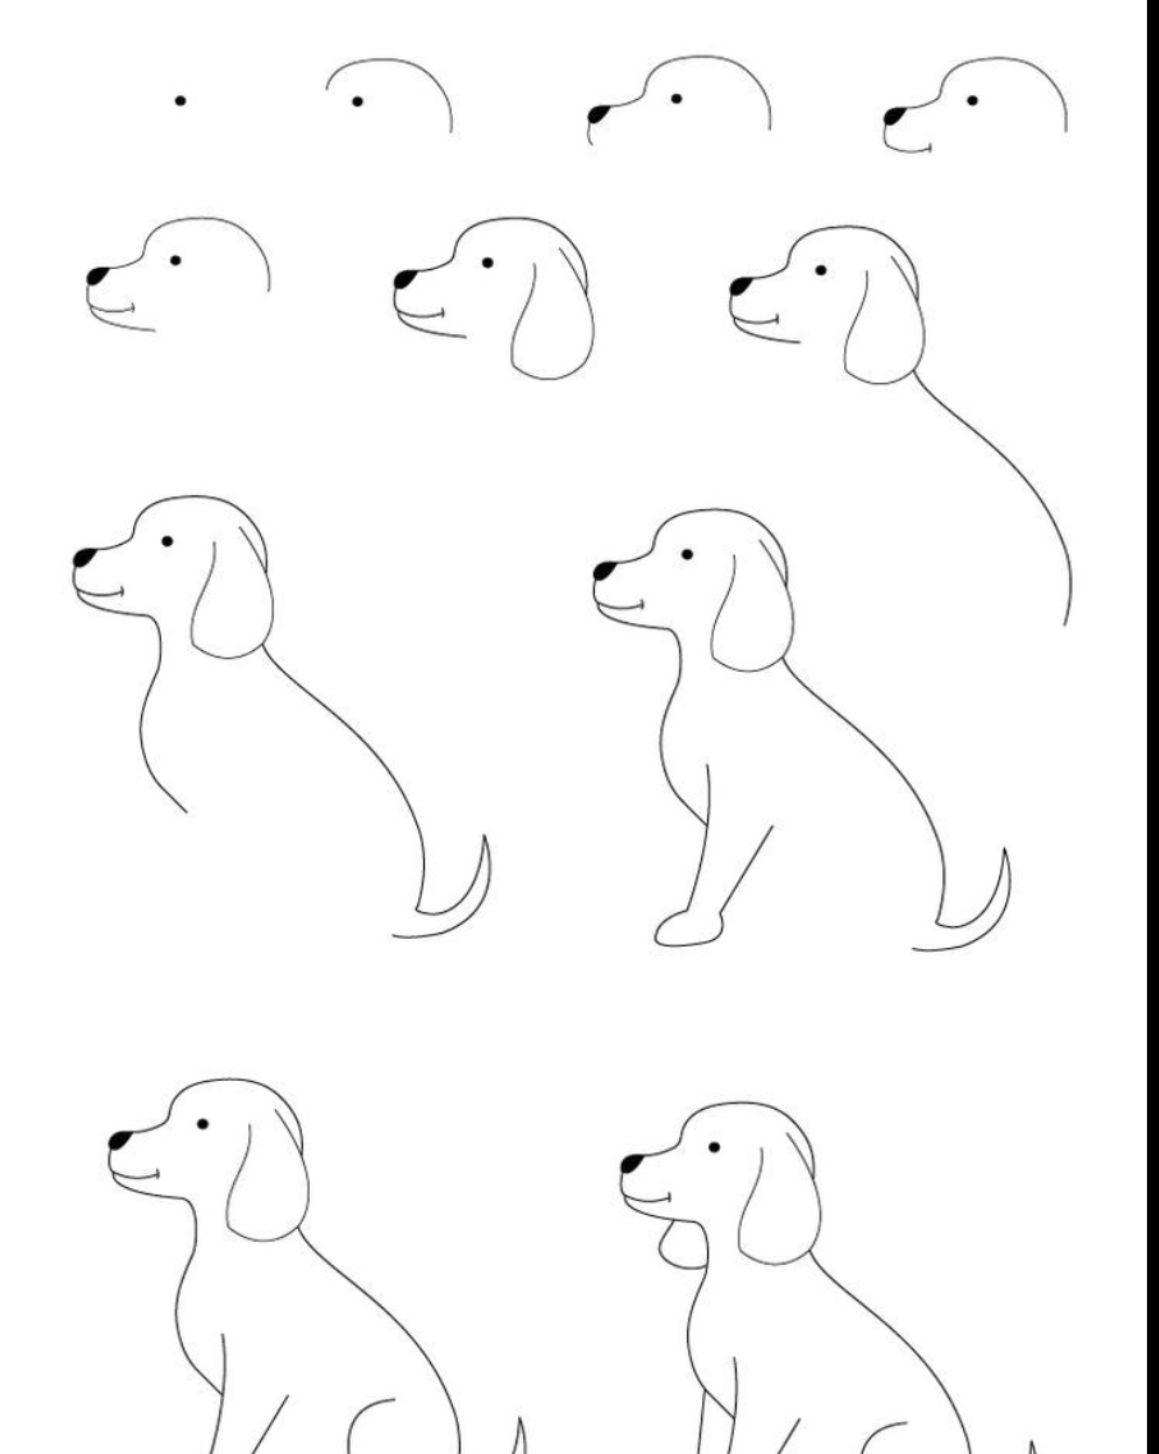 Hond Tekenen In Stappen Dieren Tekenen Leer Tekenen Coole Tekeningen